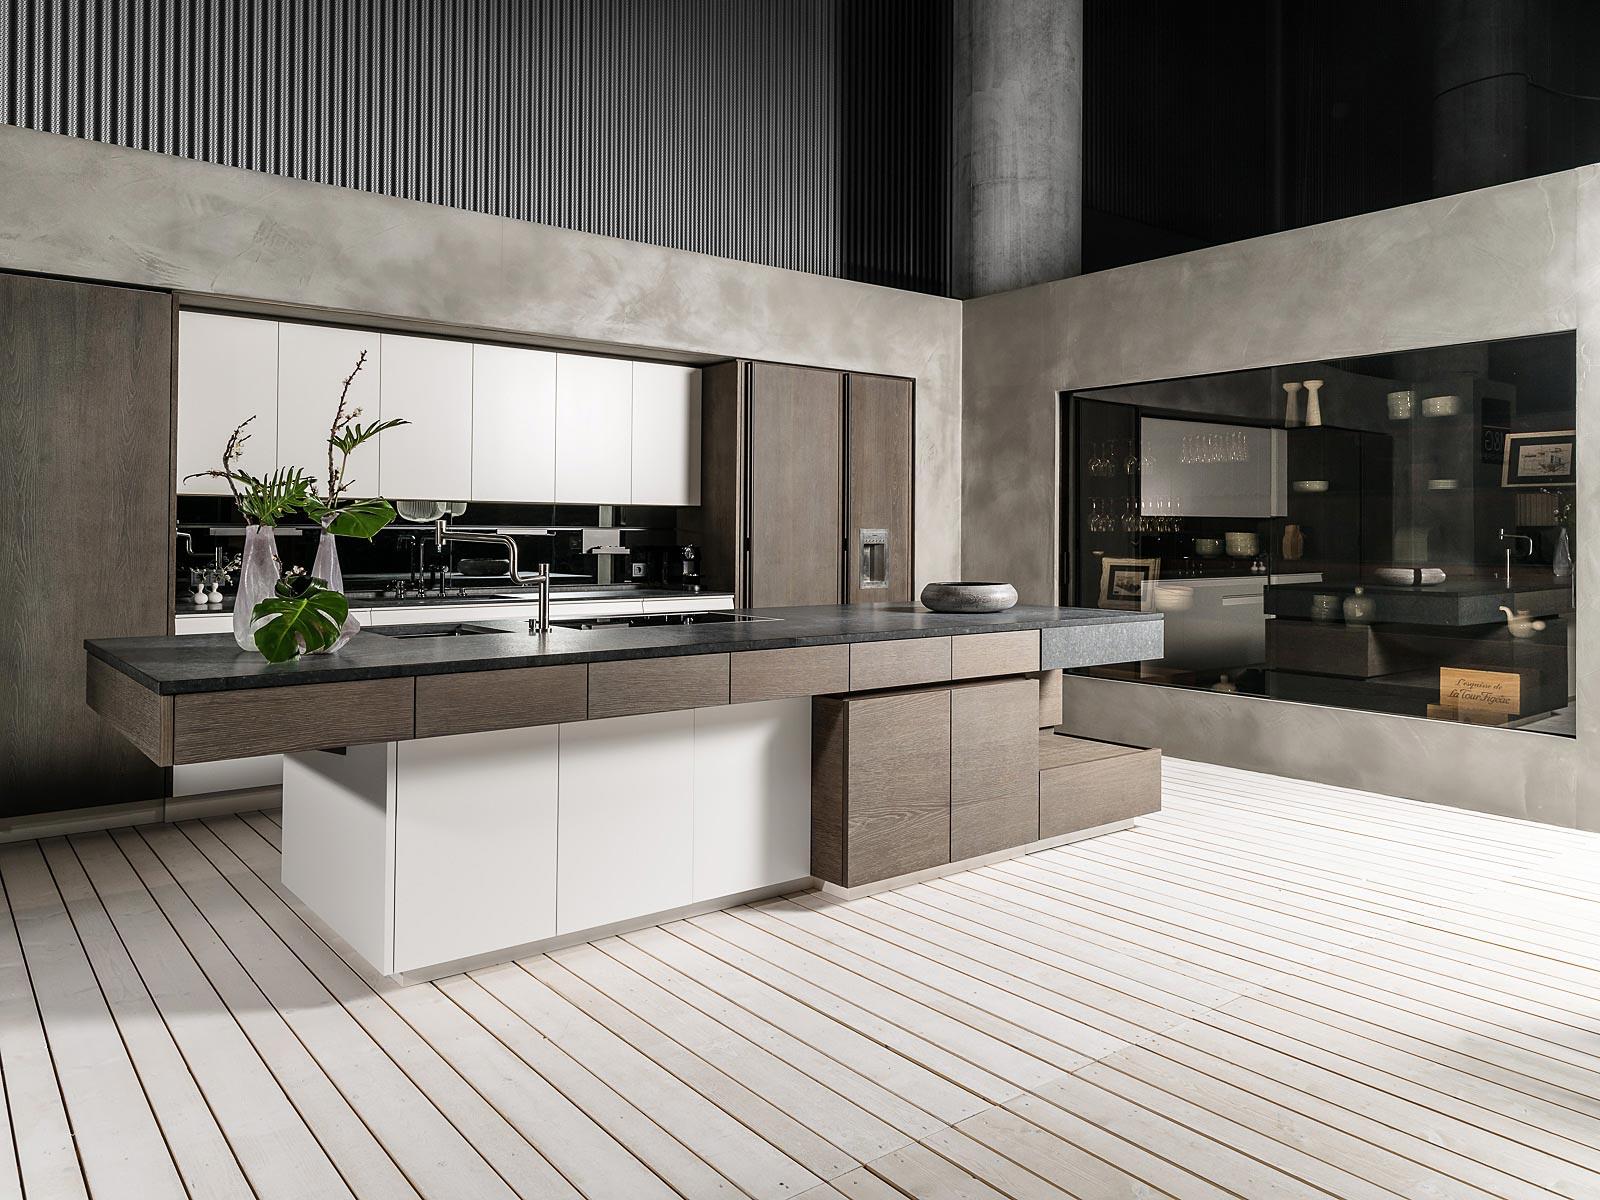 Mayr & Glazl Innenarchitektur, Küchen Fotografie von individuell geplanten Küchen